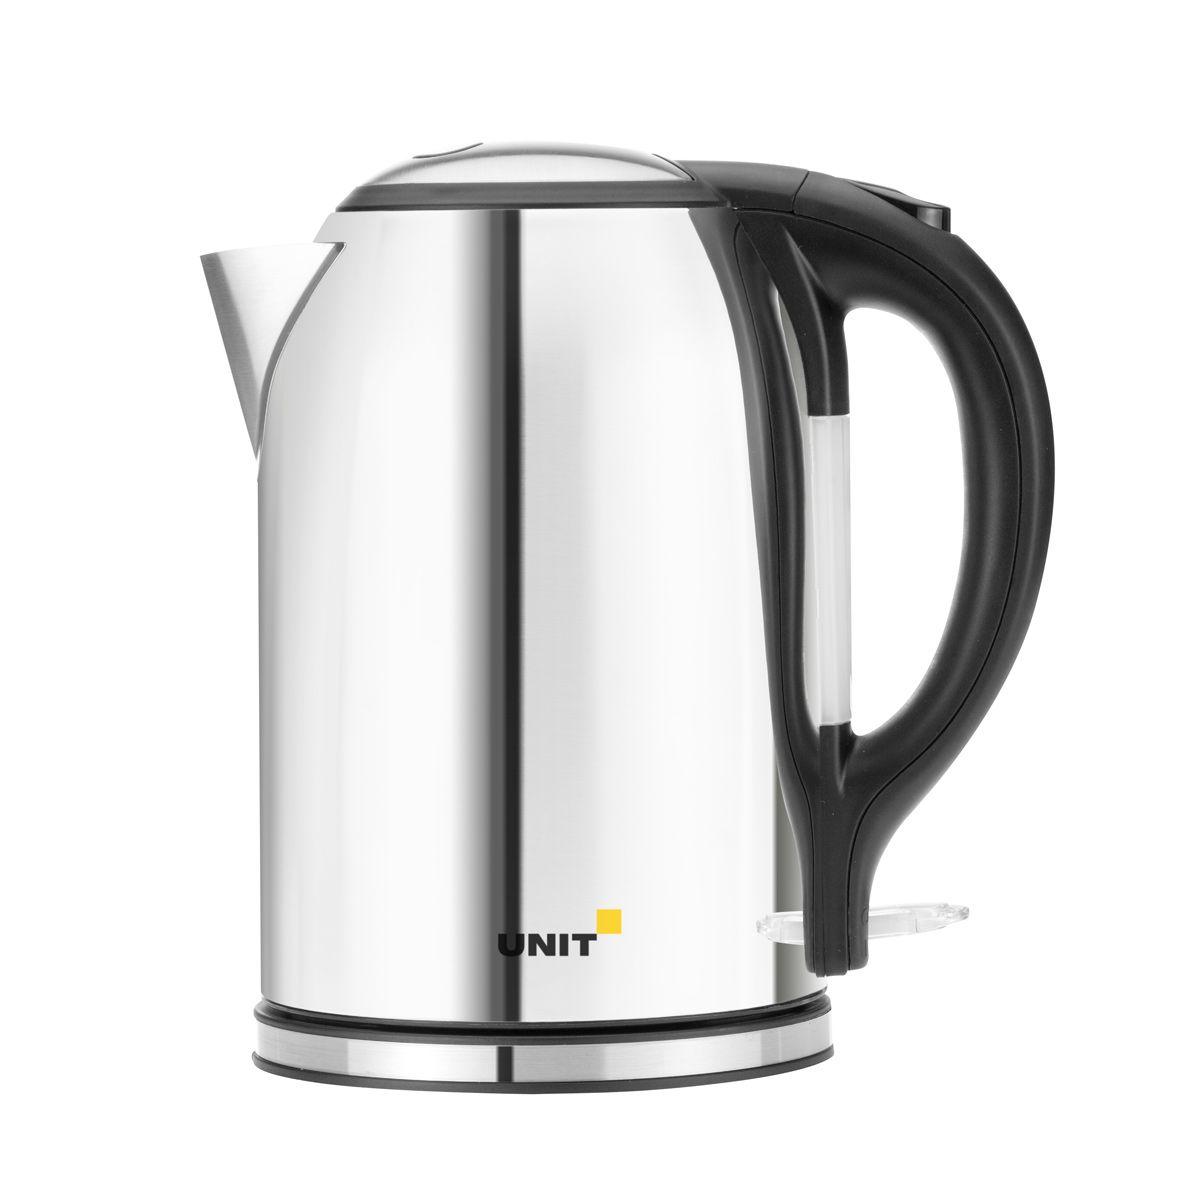 Unit UEK-266, Gloss электрический чайник